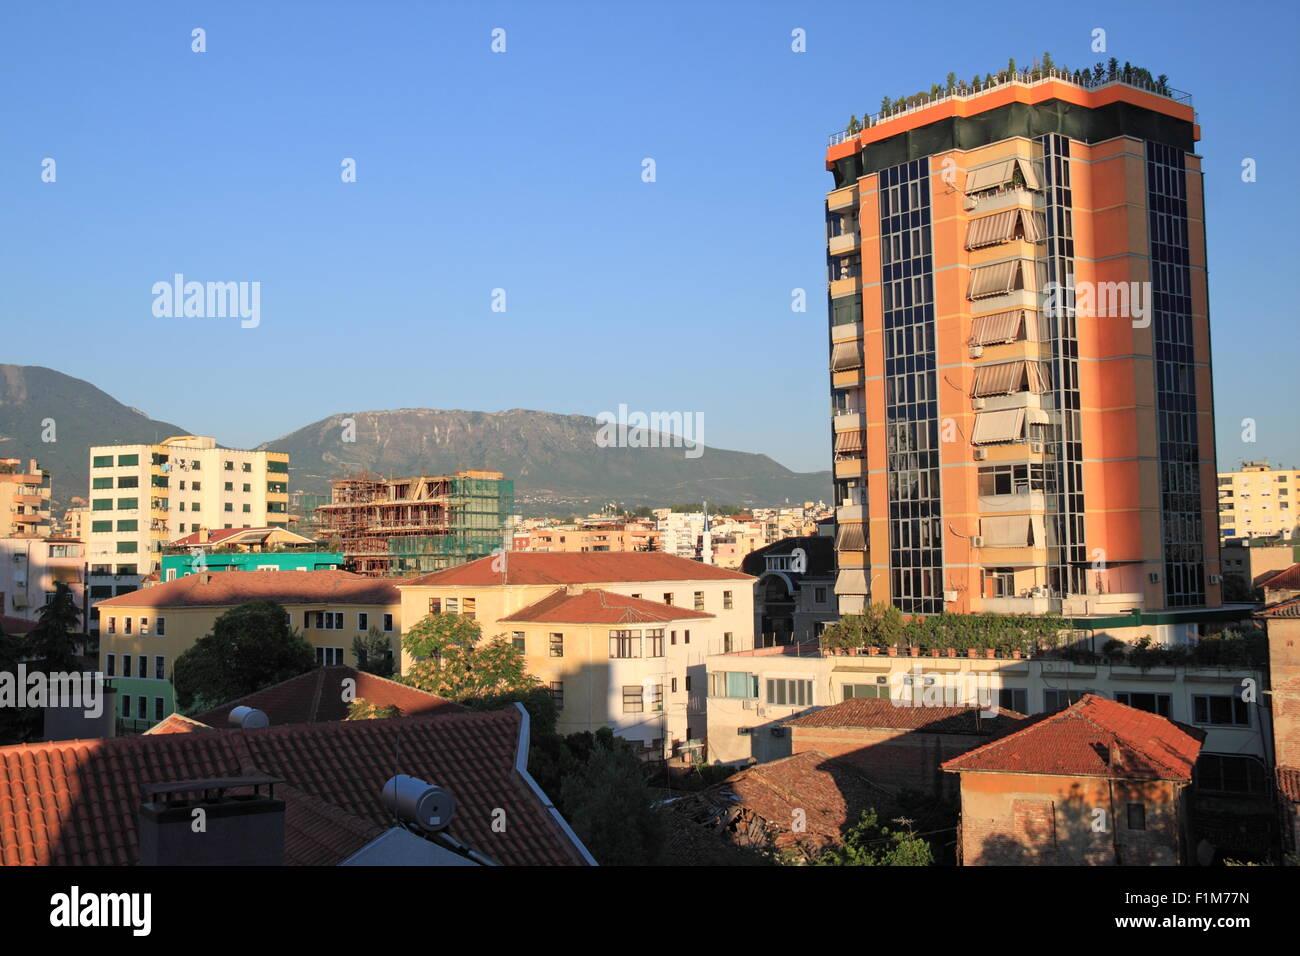 View of rooftops from Hotel Vila Alba, Tirana, Albania, Balkans, Europe - Stock Image